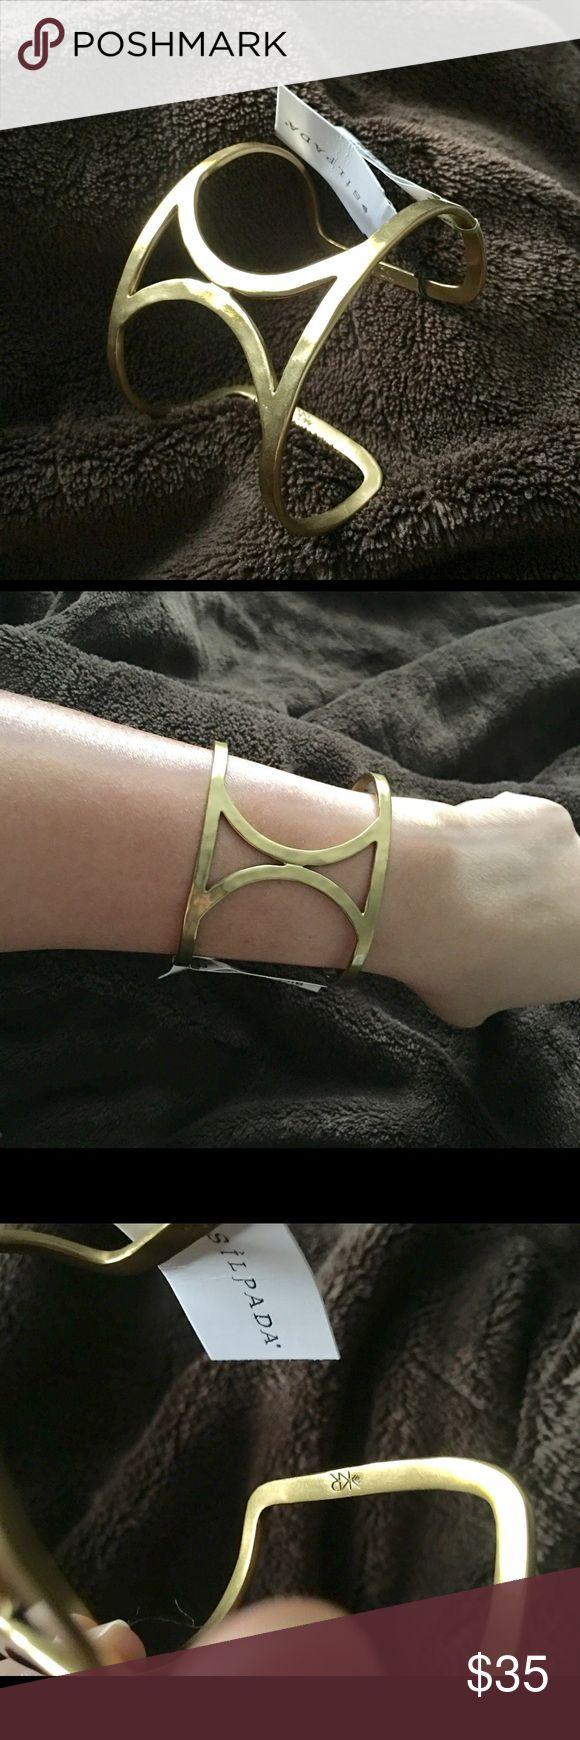 BNWT Silpada Bracelet Cuff BRAND new Silpada bracelet cuff. Free shipping on P ay p. a.l Silpada Jewelry Bracelets